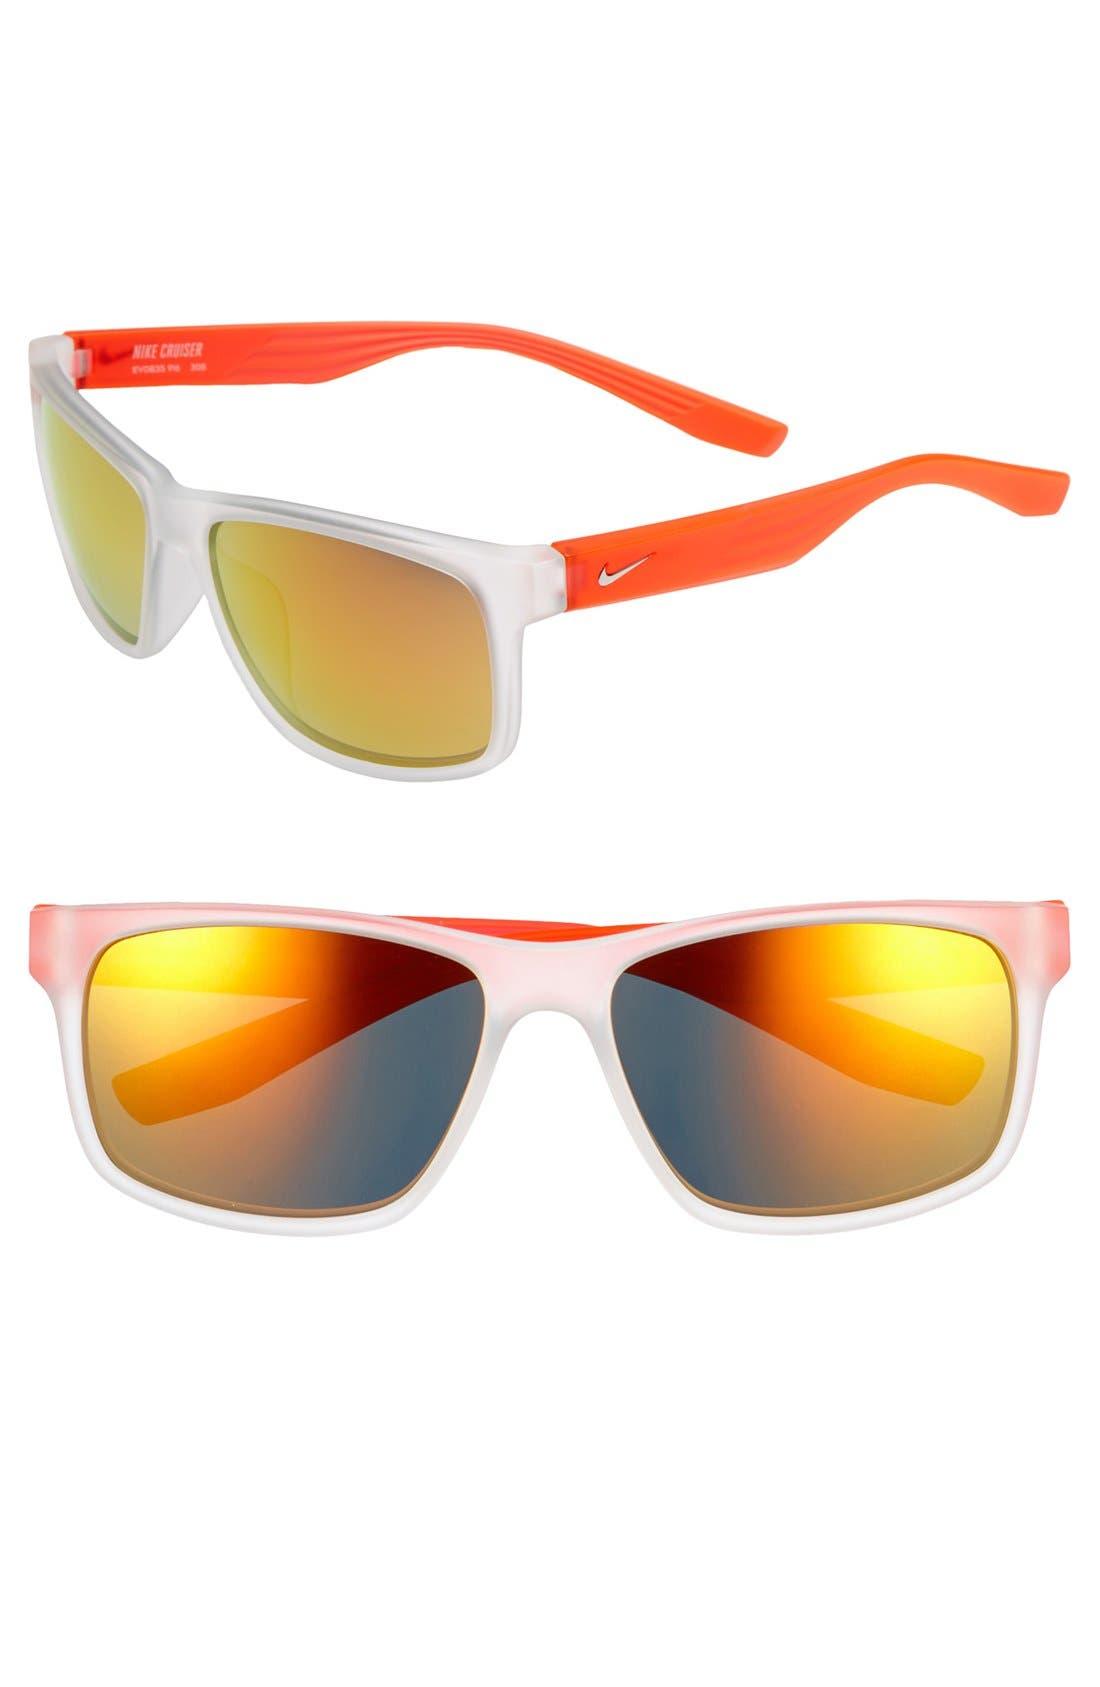 Main Image - Nike 'Cruiser' 59mm Sunglasses